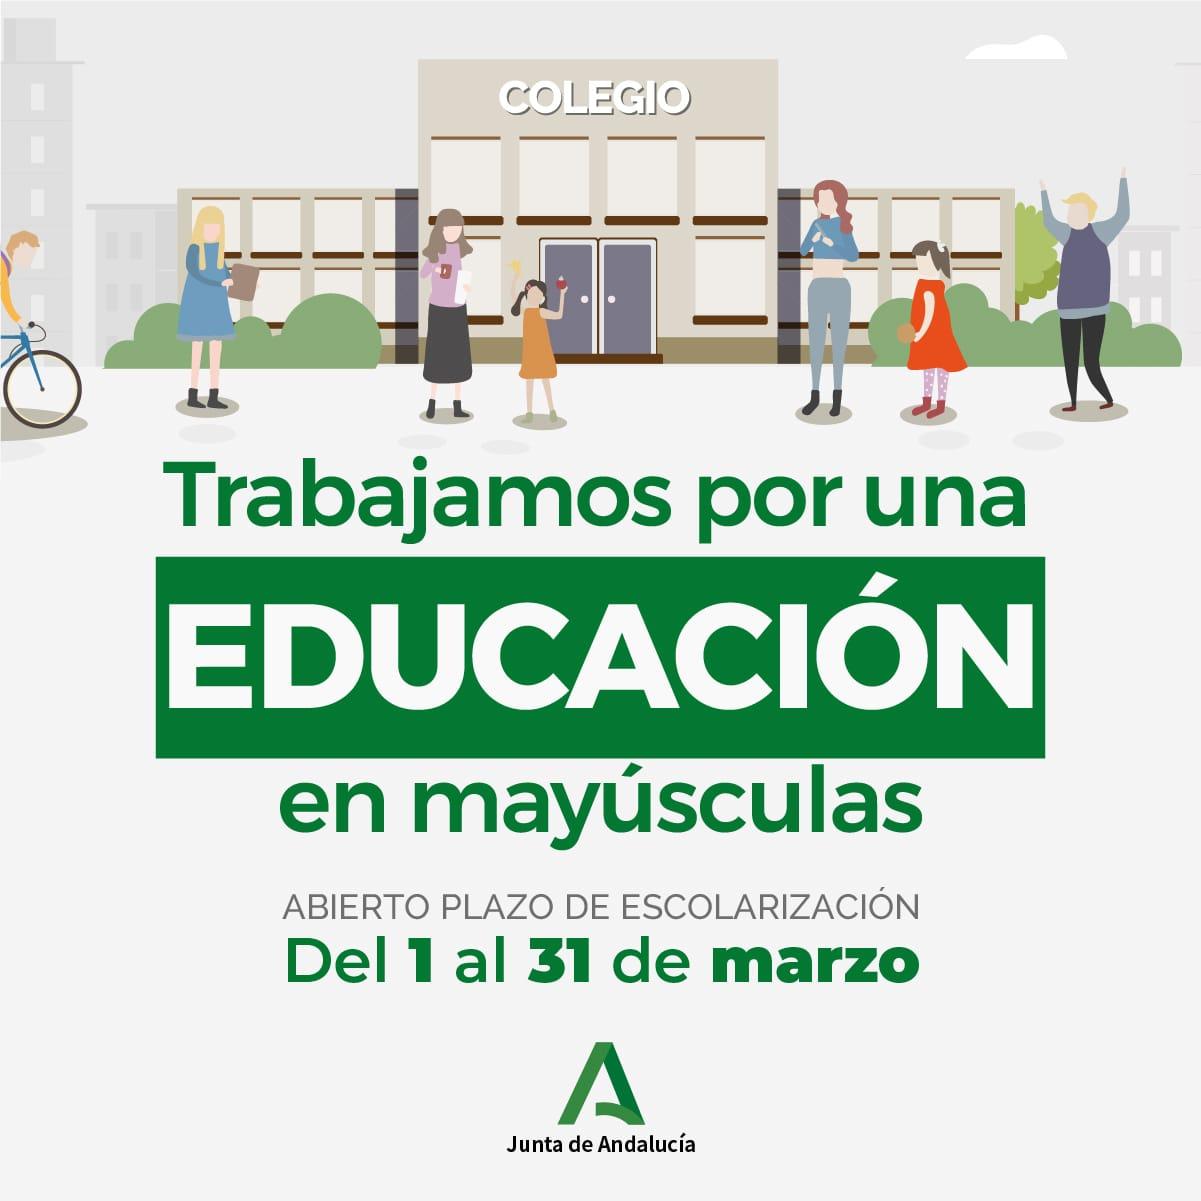 ABIERTO PLAZO DE ESCOLARIZACIÓN PARA SOLICITUDES DE ESO Y BACHILLERATO DEL 1 AL 31 DE MARZO